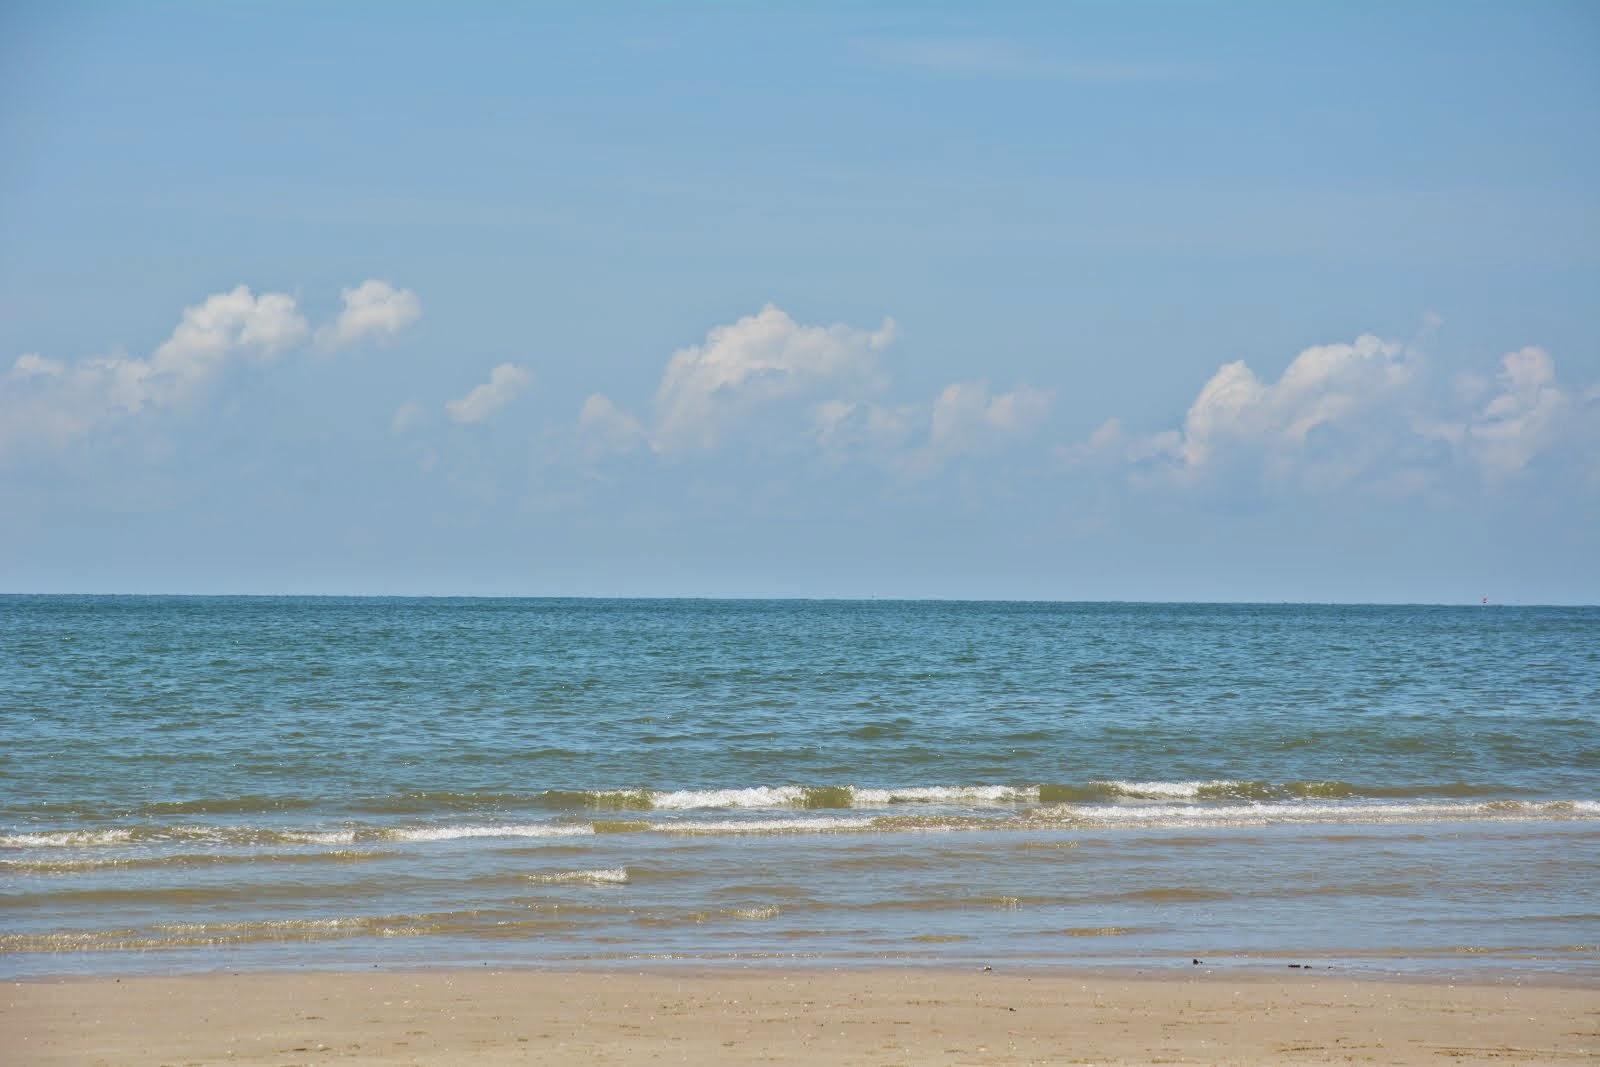 ที่พักหาดเจ้าสำราญหมู่คณะ แบบปิดรีสอร์ทติดทะเล ราคาถูก083-963 8444